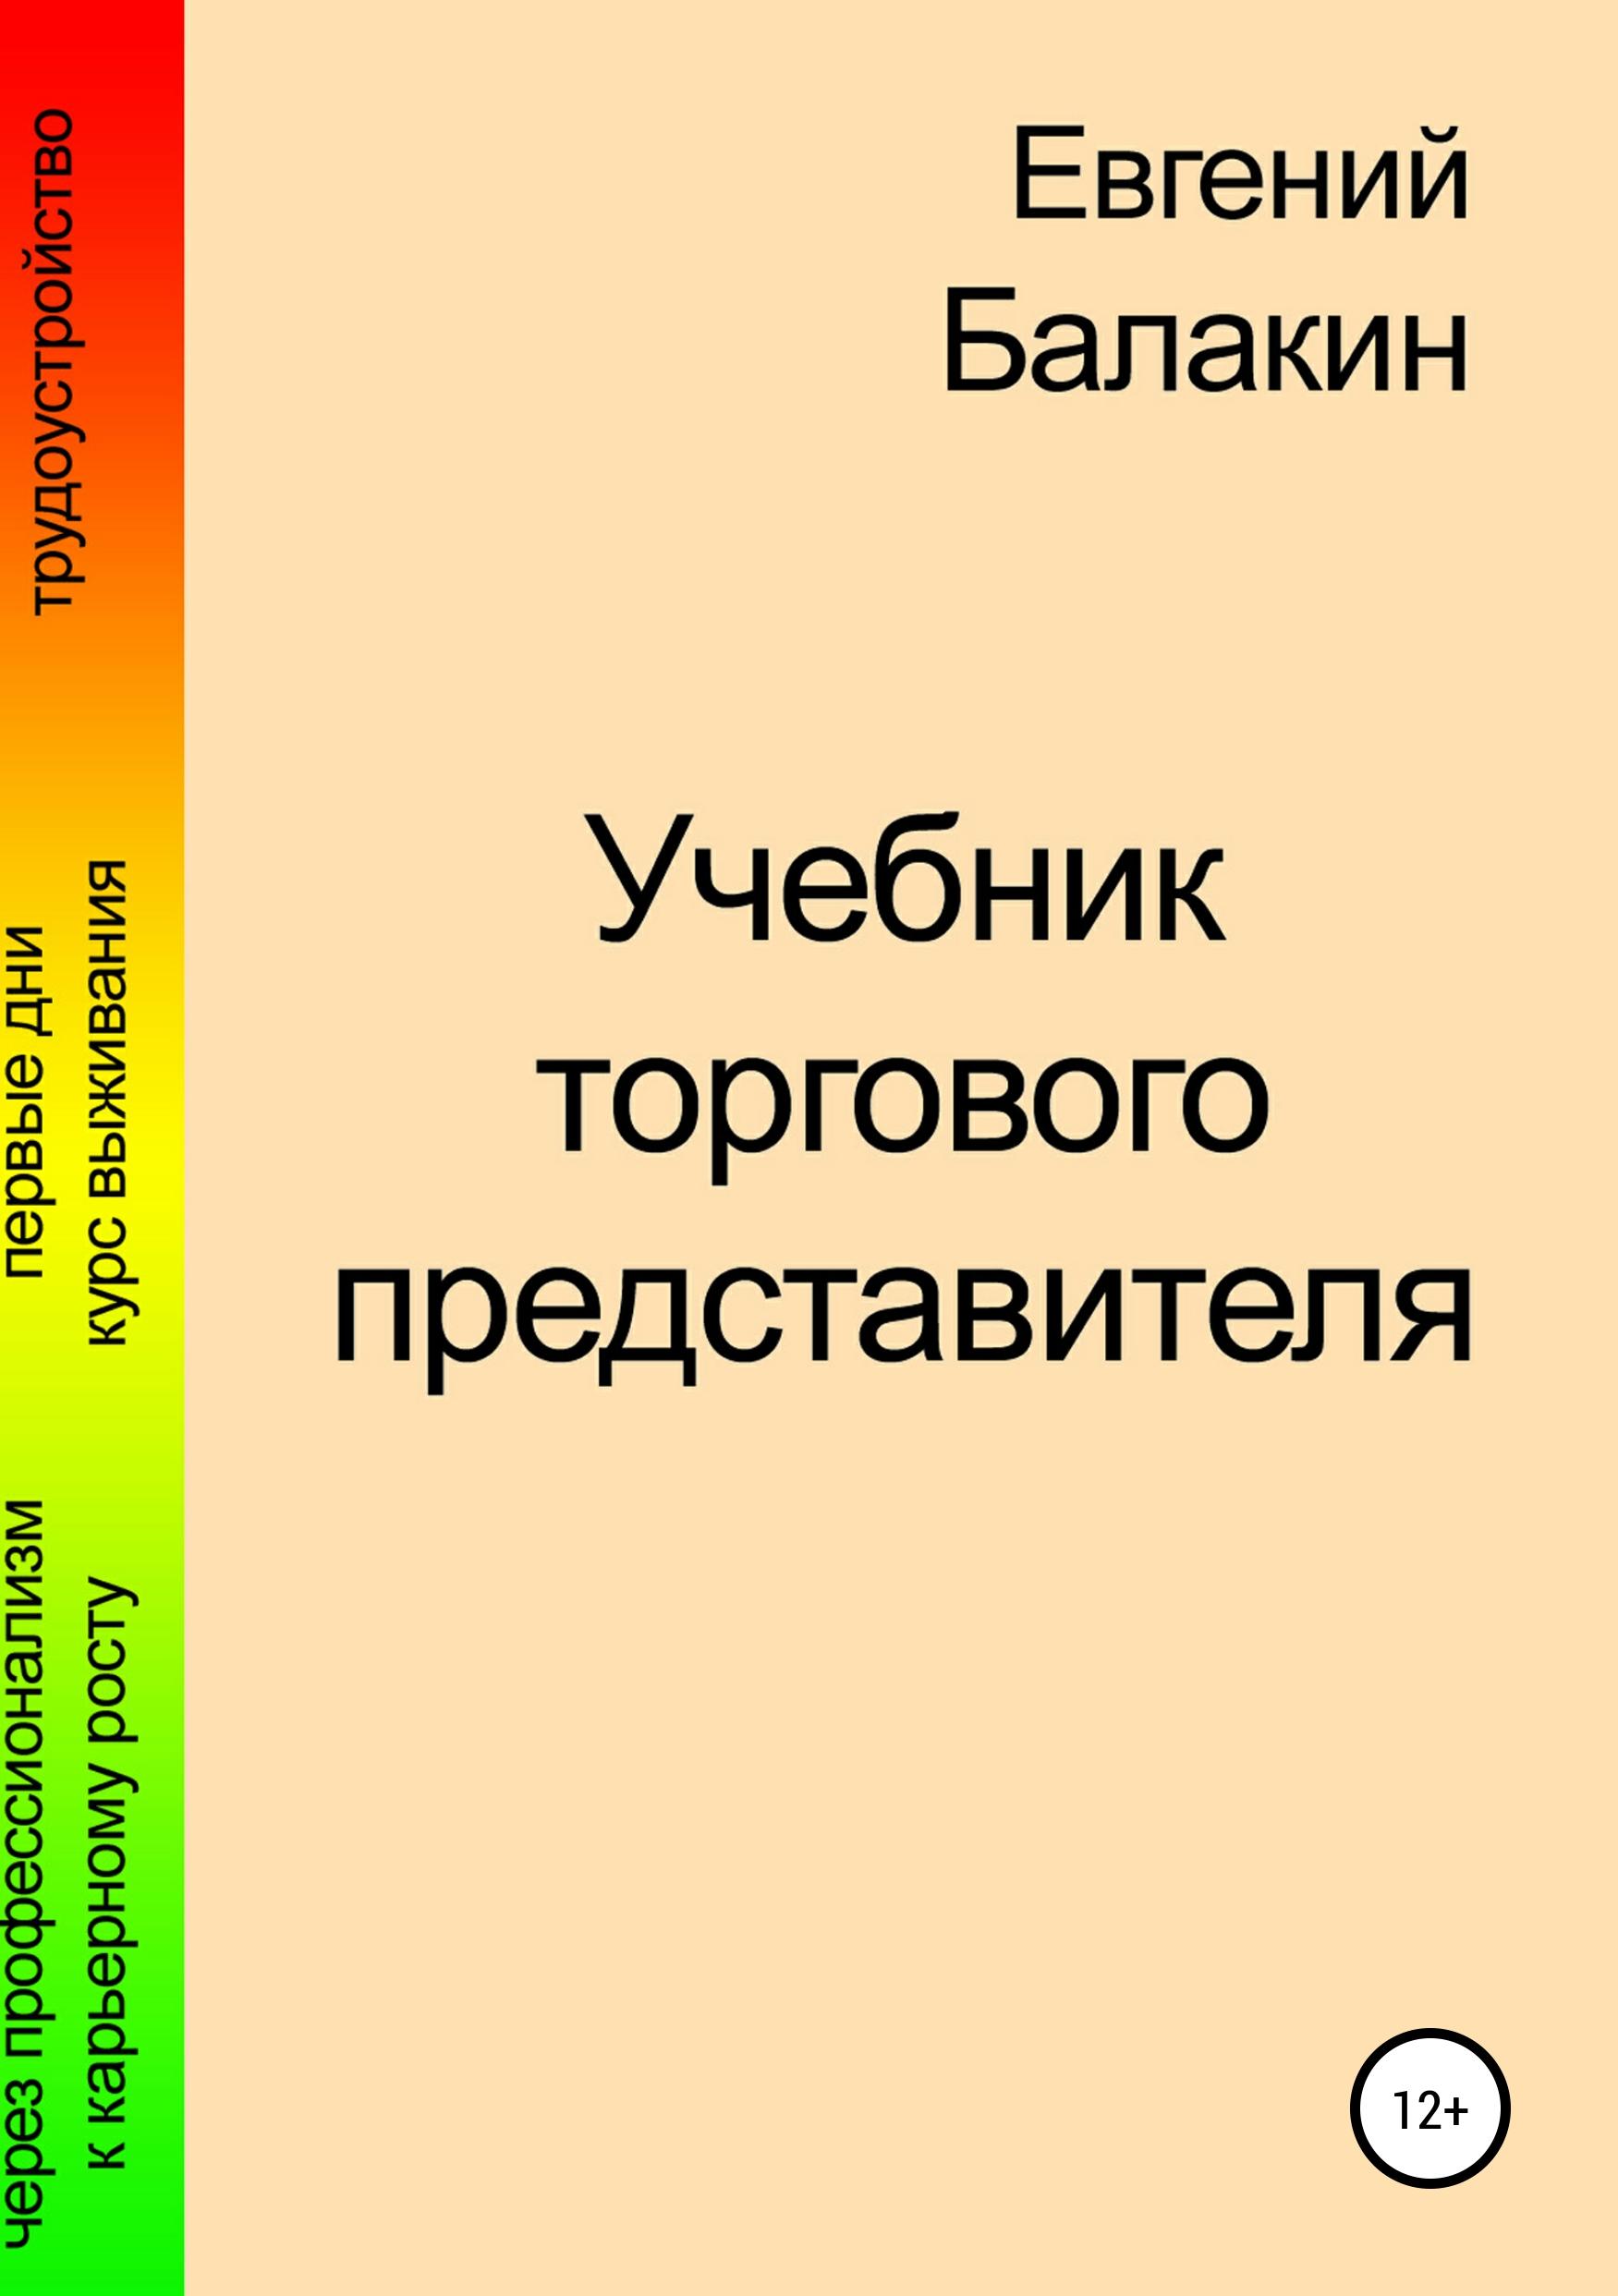 Учебник торгового представителя